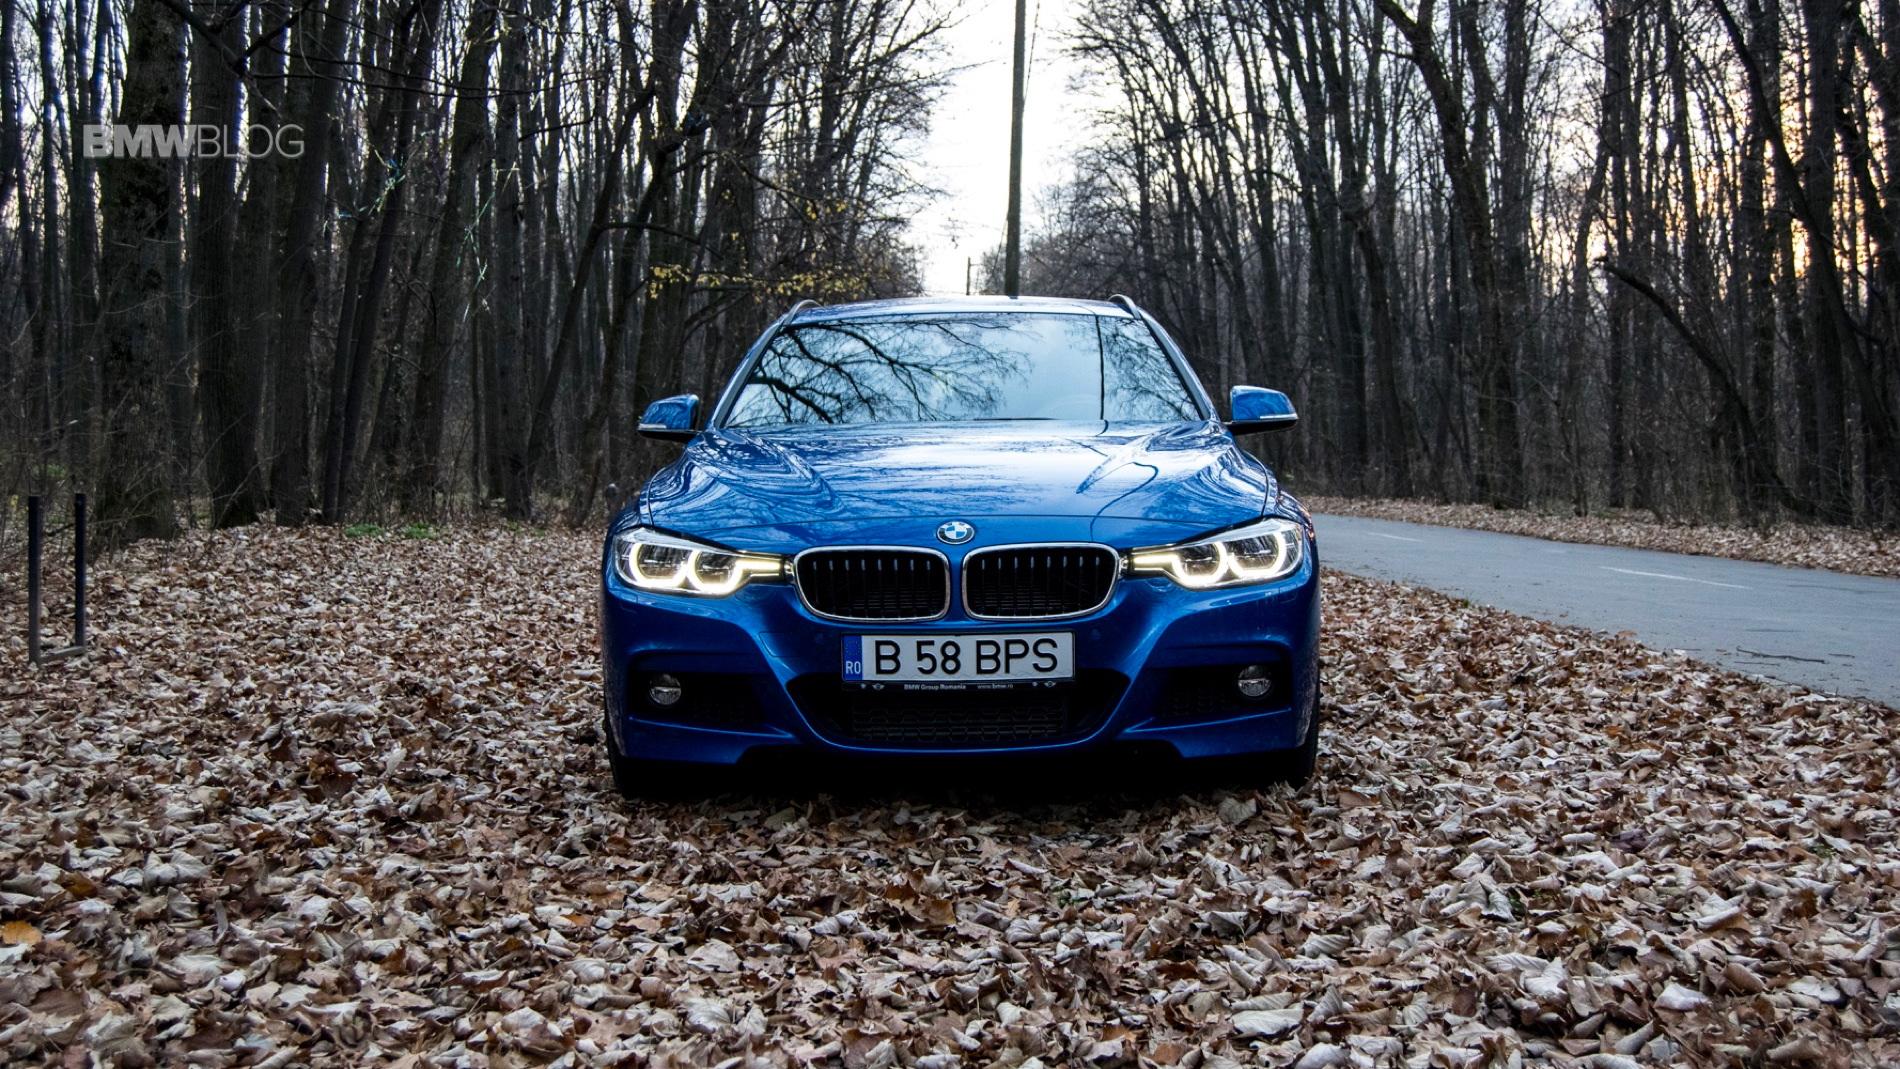 2015 BMW 320d xDrive Touring test drive 45